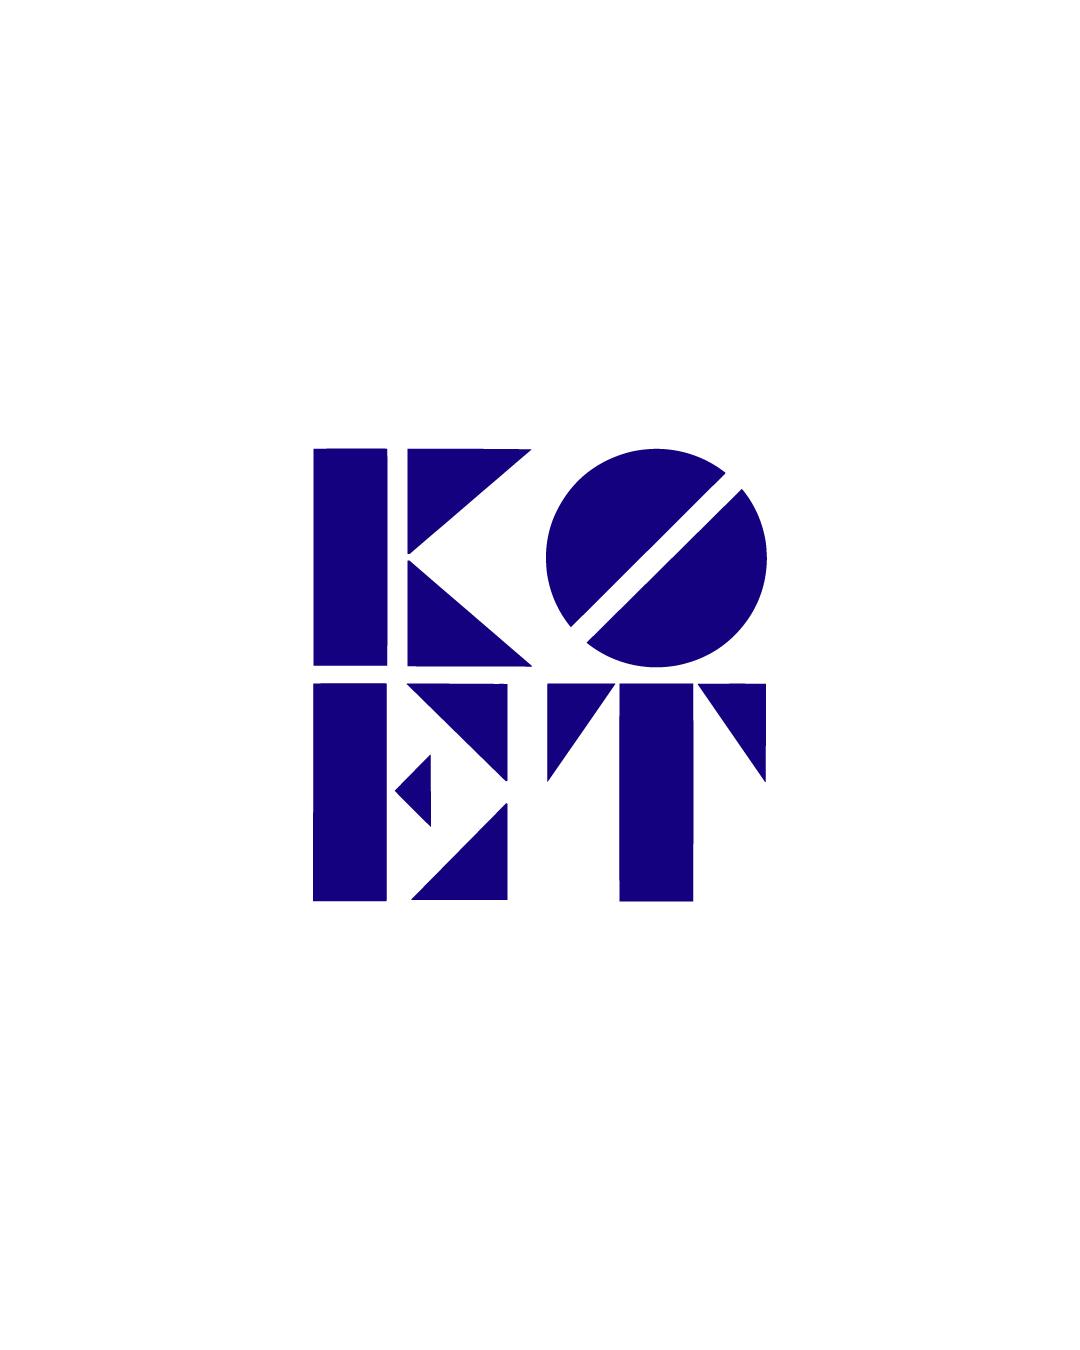 KOET ORIGINAL